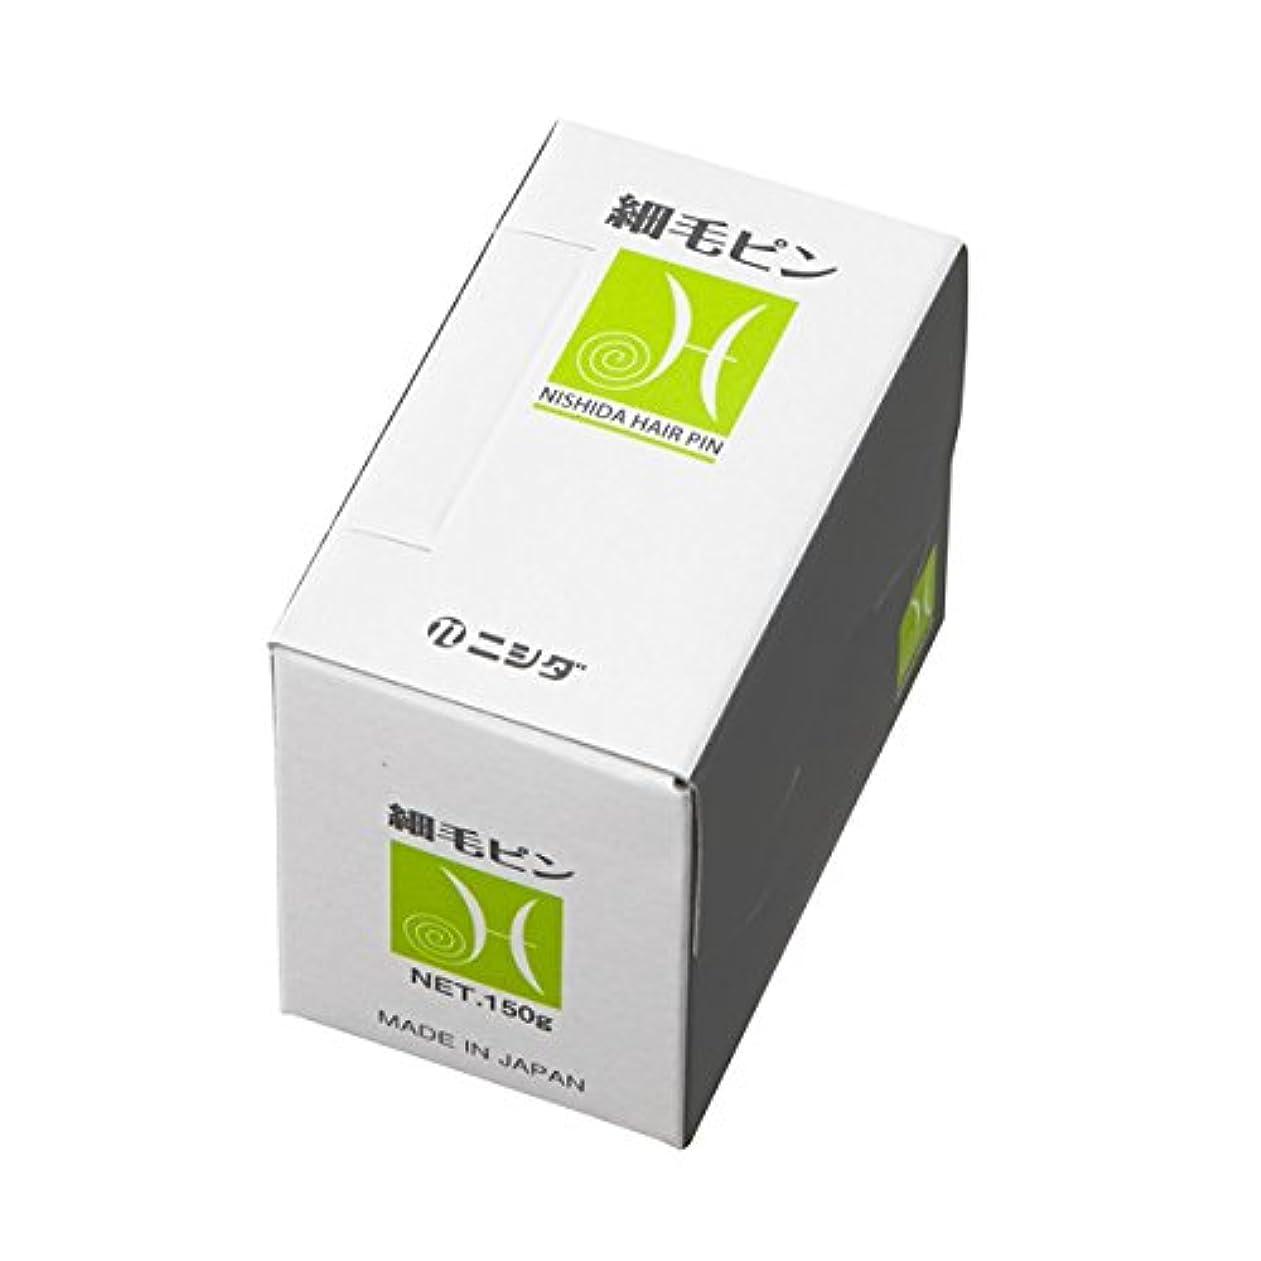 実行する中世のシニスニシダピン 細毛ピン 150g 株式会社ニシダ プロフェッショナルユースでスタイリング自由自在